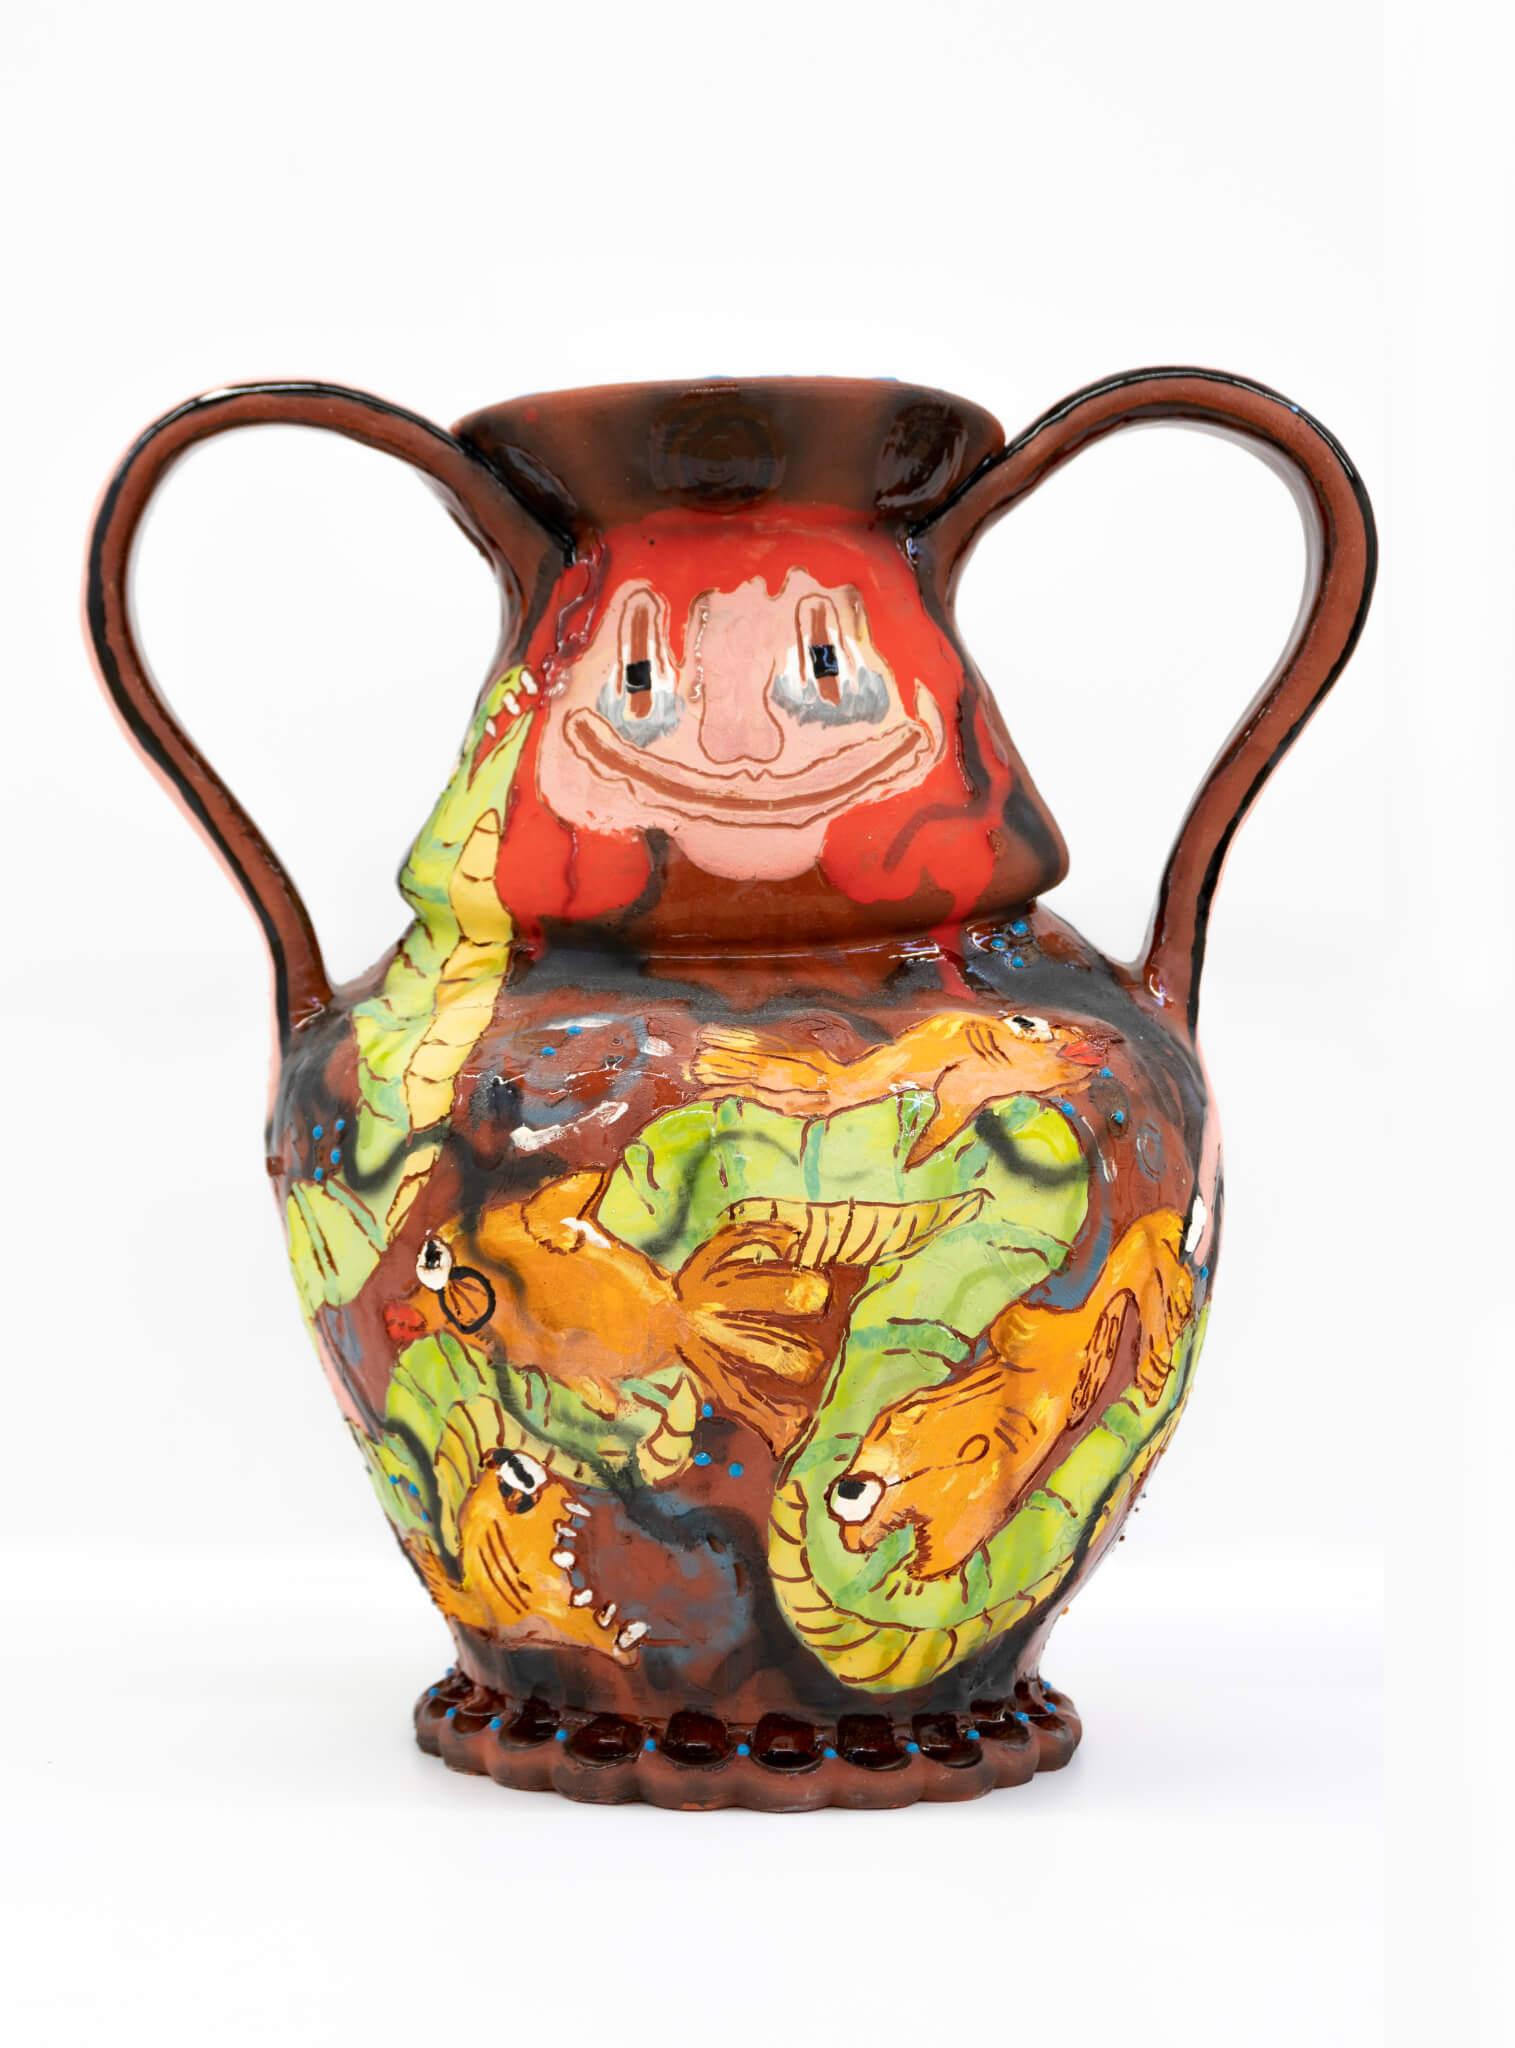 Farrag, Redqueen Jar, 2019 (SF 19.033) C